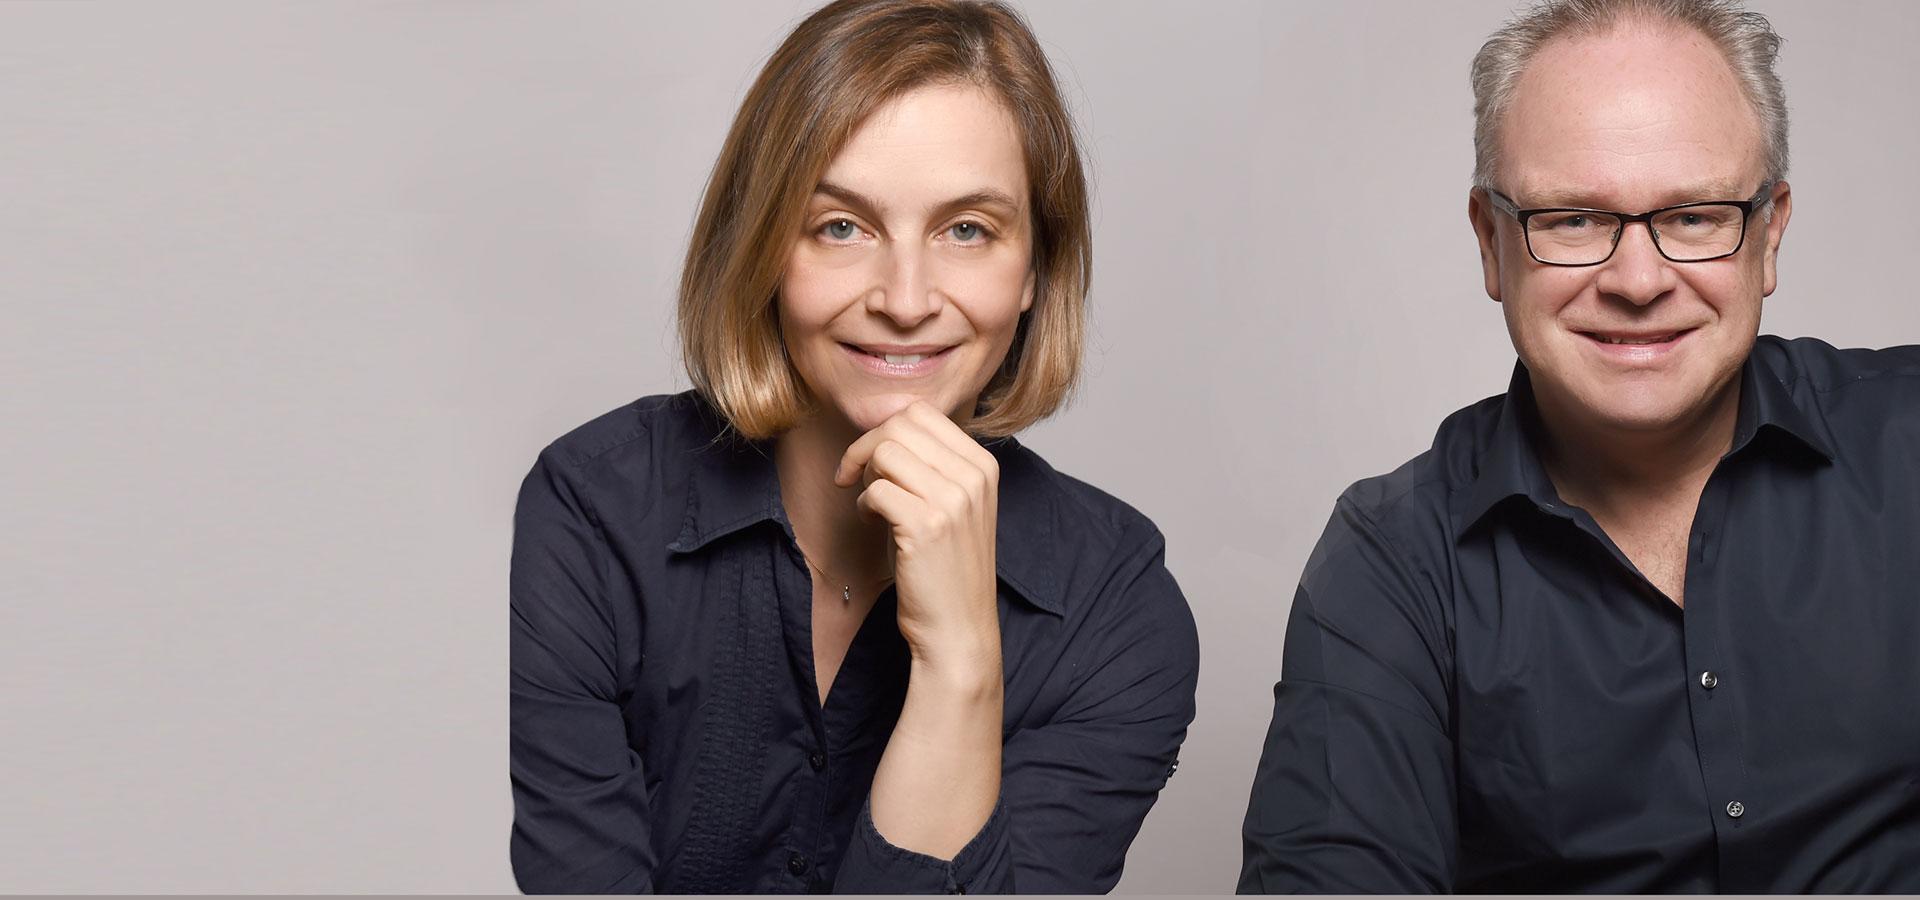 Zahnärzte Dres. Caroline und Guido Szostak Gemeinschaftspraxis Herne